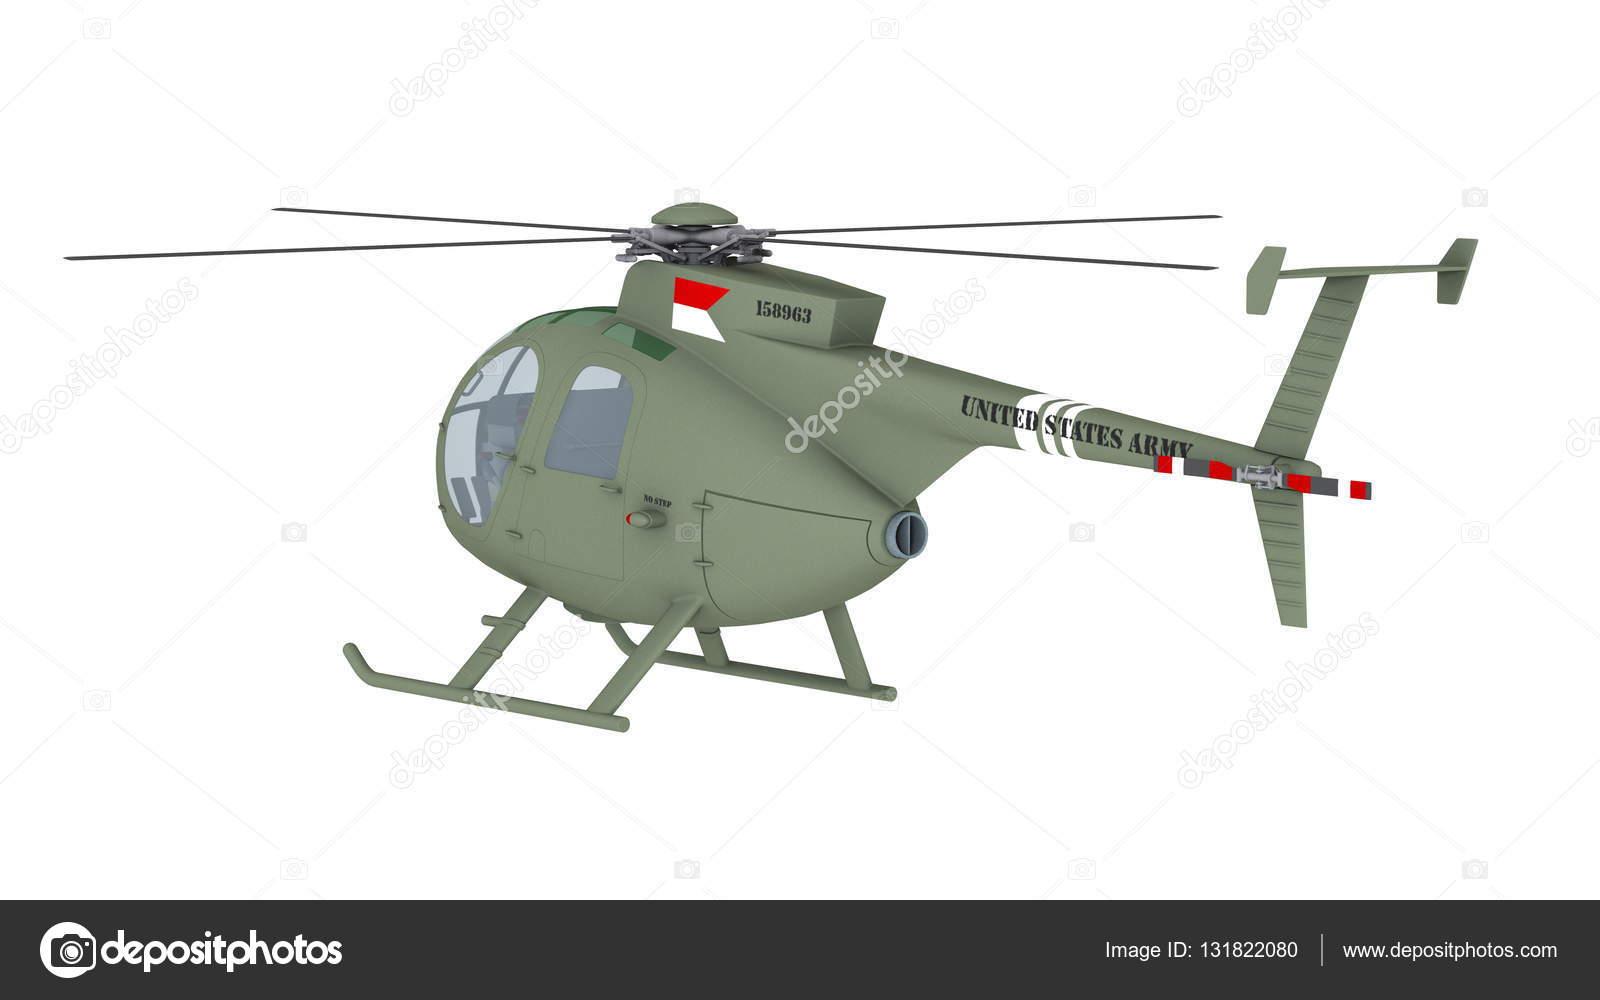 Un Elicottero : Rendering d cg di un elicottero u foto stock tsuneomp